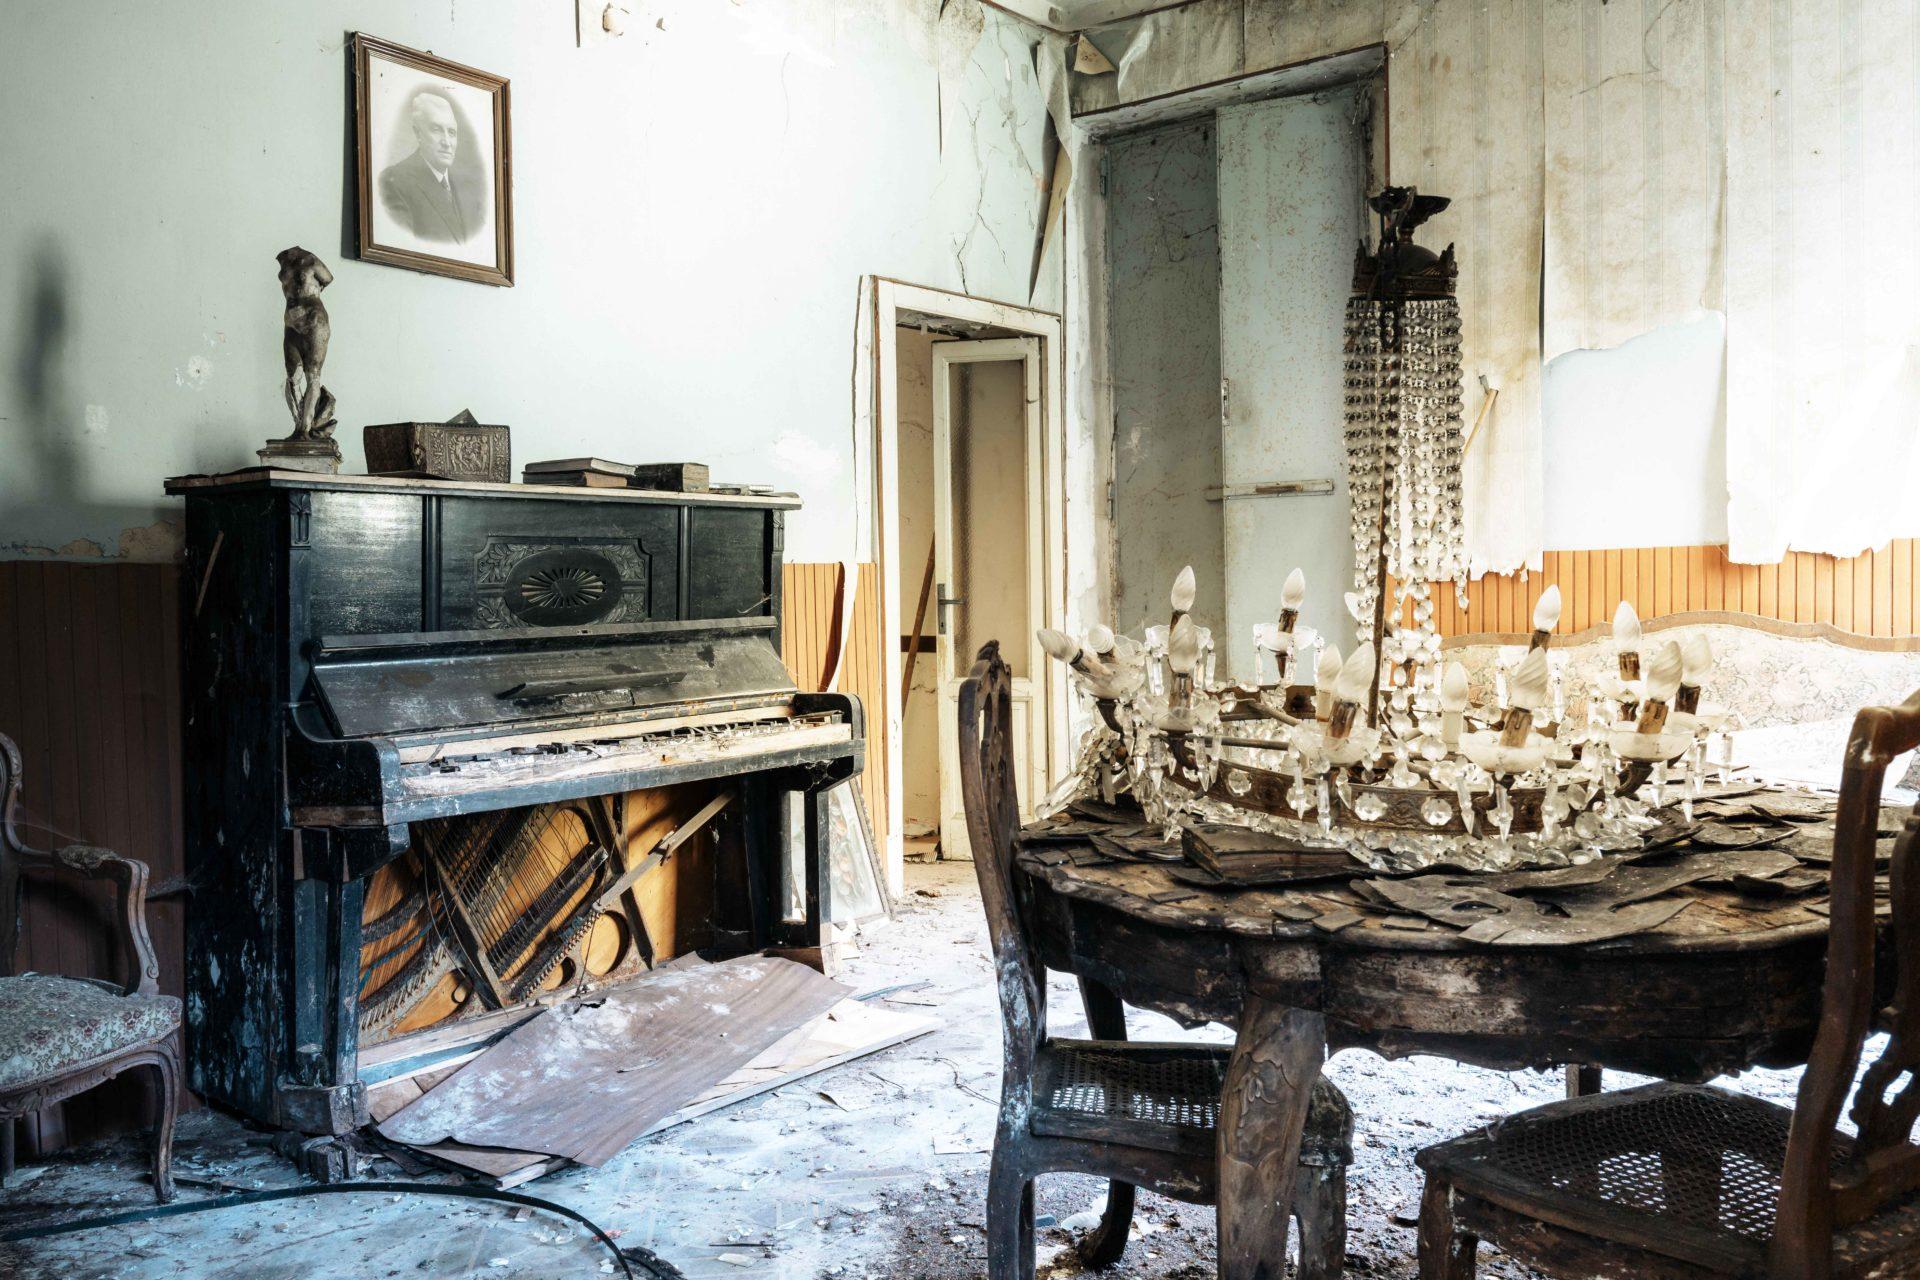 Requiem pour pianos 96 | Serie Requiem pour pianos | Romain Thiery